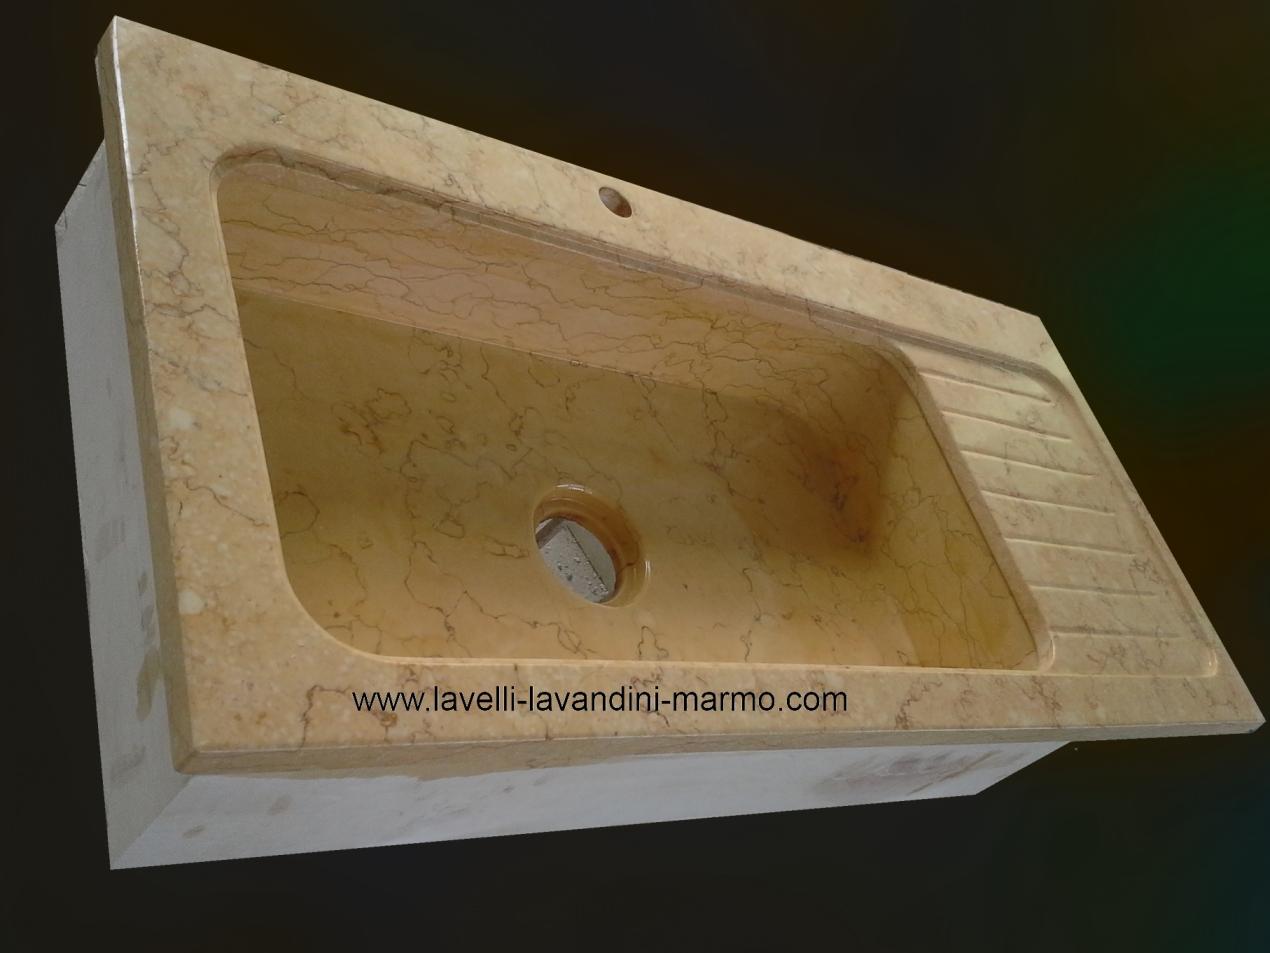 Home  OFFERTE OCCASIONI  Lavelli cucina  lavelli bagno  Piatti ...